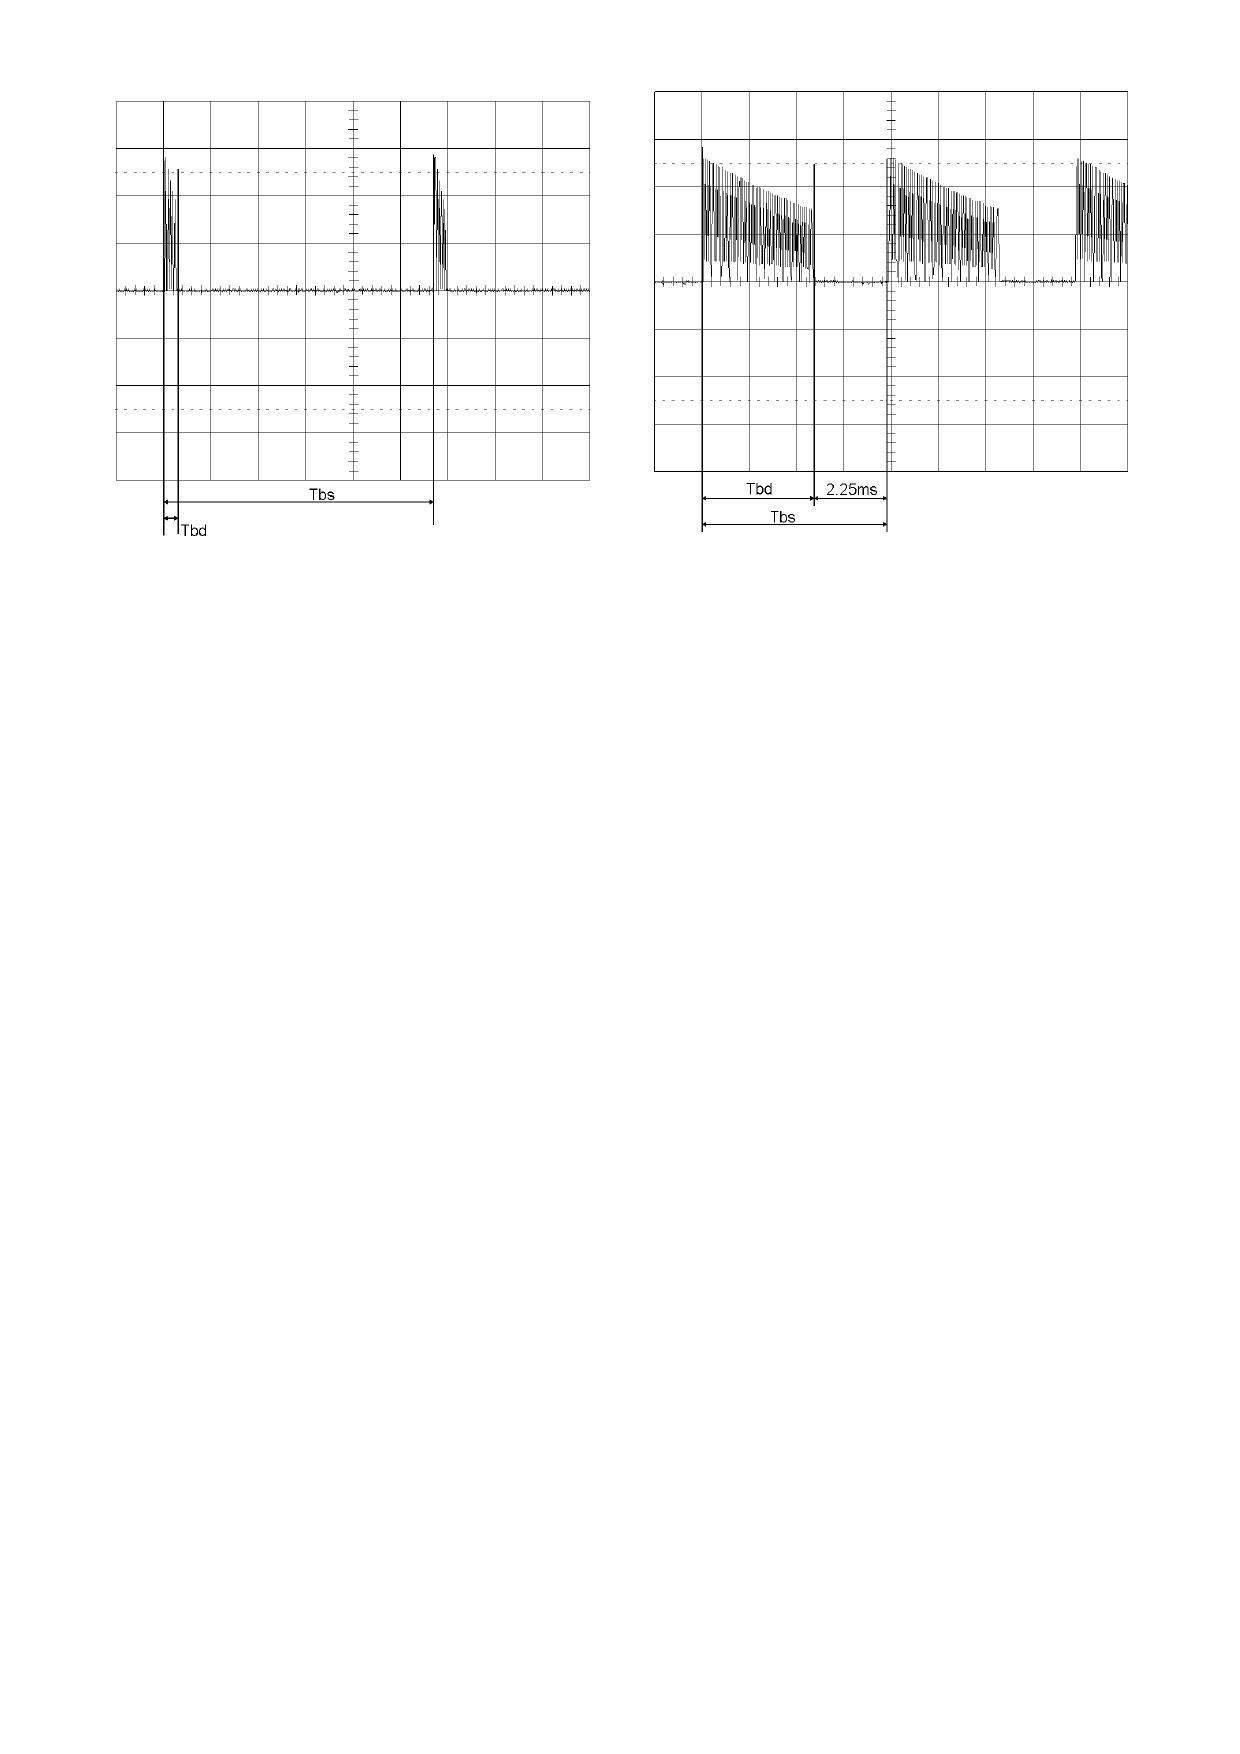 QT310 pdf